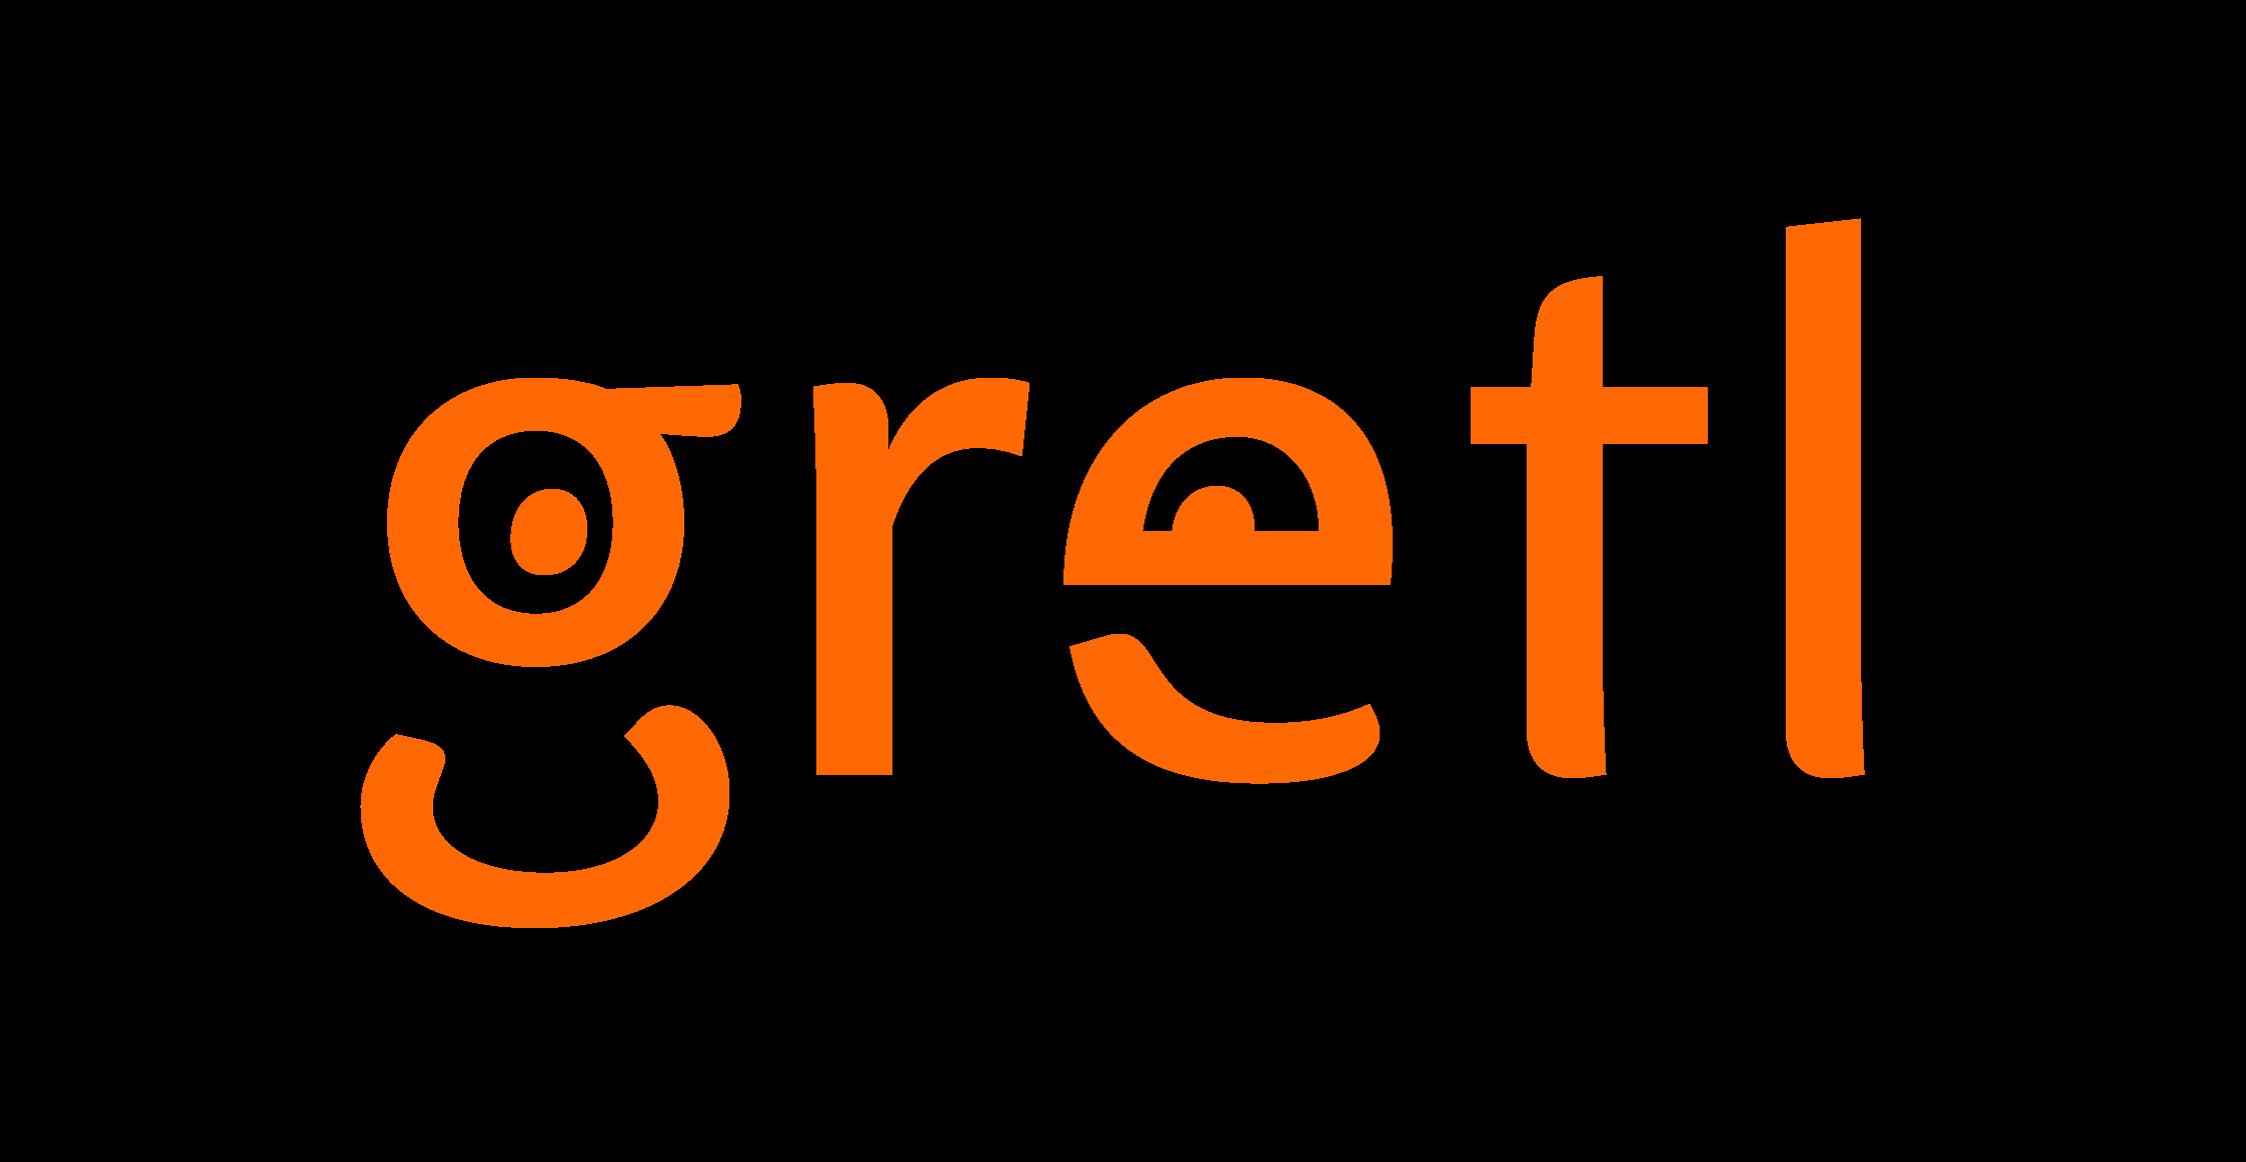 gretl